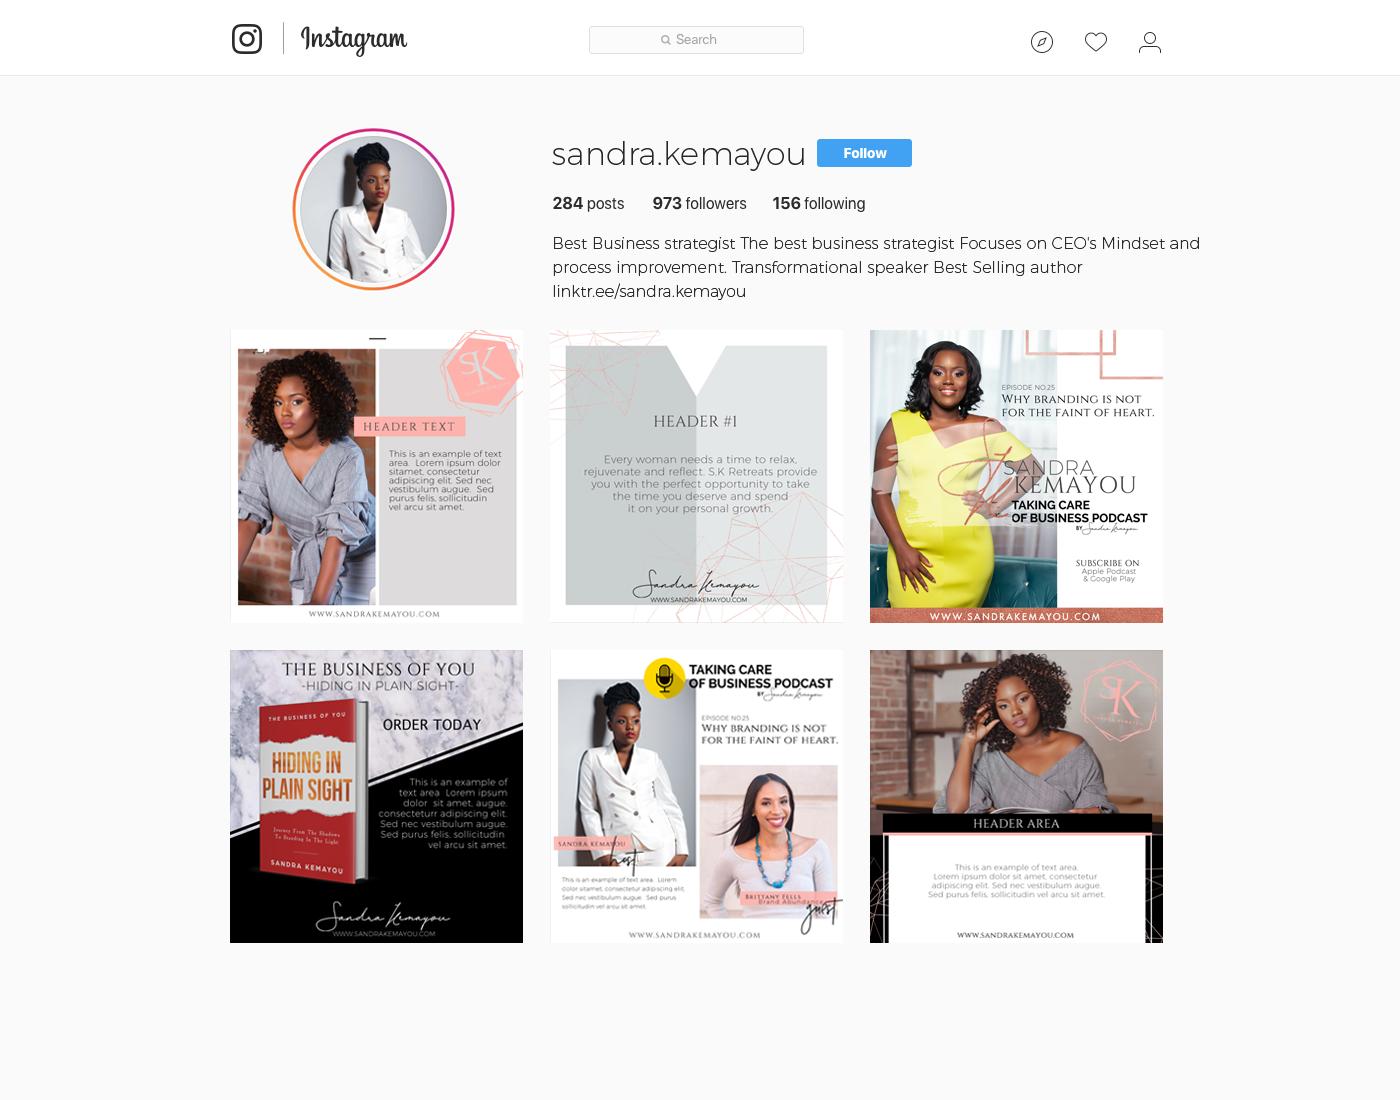 sandraKemayou_instagram-profile.png